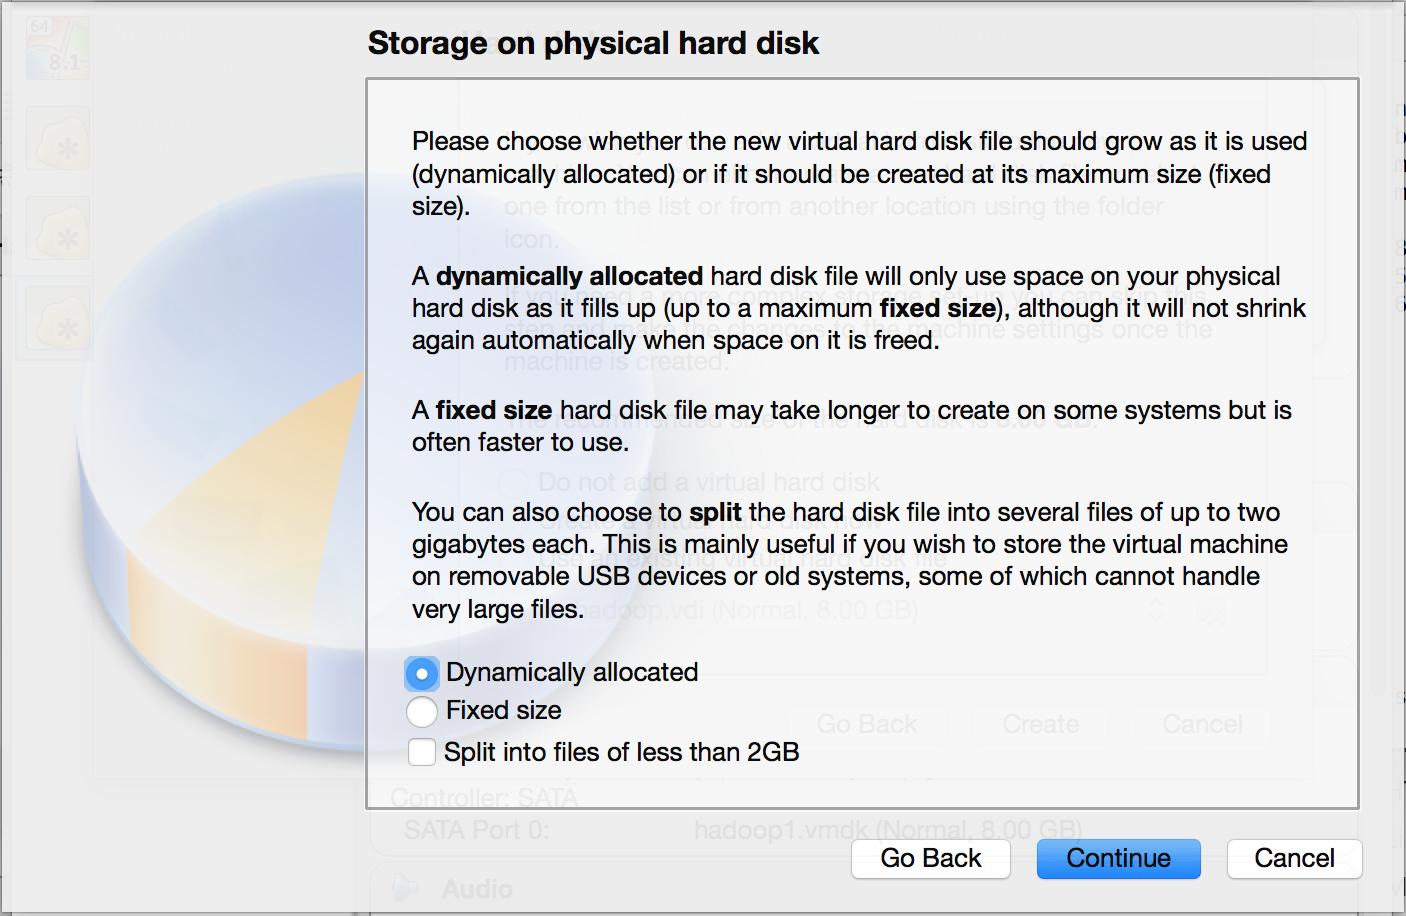 虚拟磁盘在电脑上的资源分配